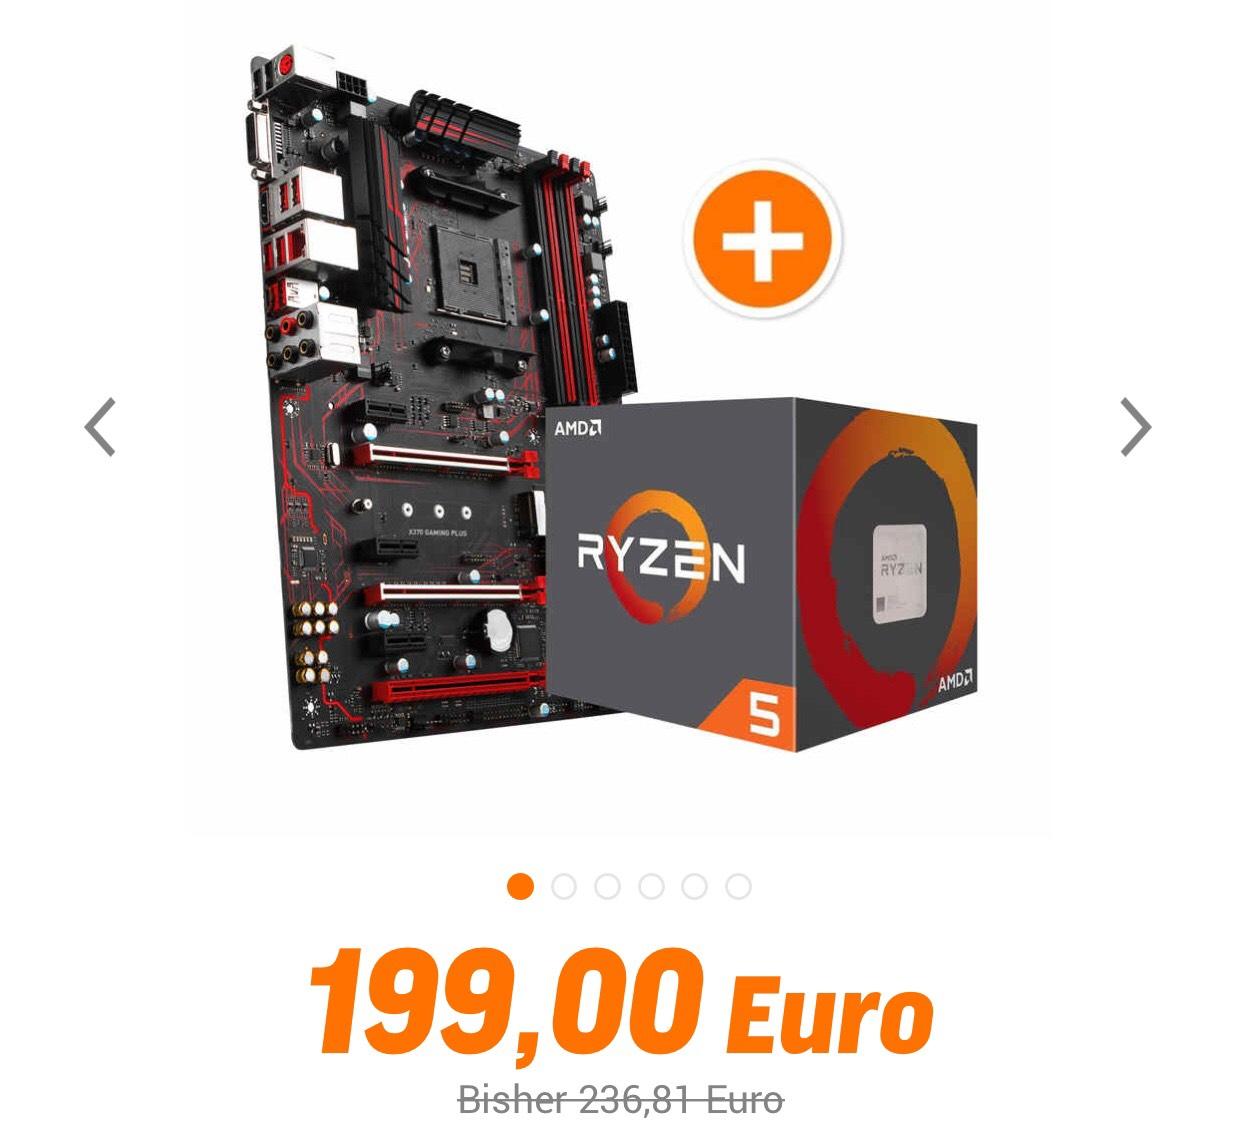 MSI X370 Gaming Plus + Ryzen 5 1600 bei NBB für 199,99€! Paypal Zahlung!3Jahre Garantie! Update:Versandkostenfrei!!!